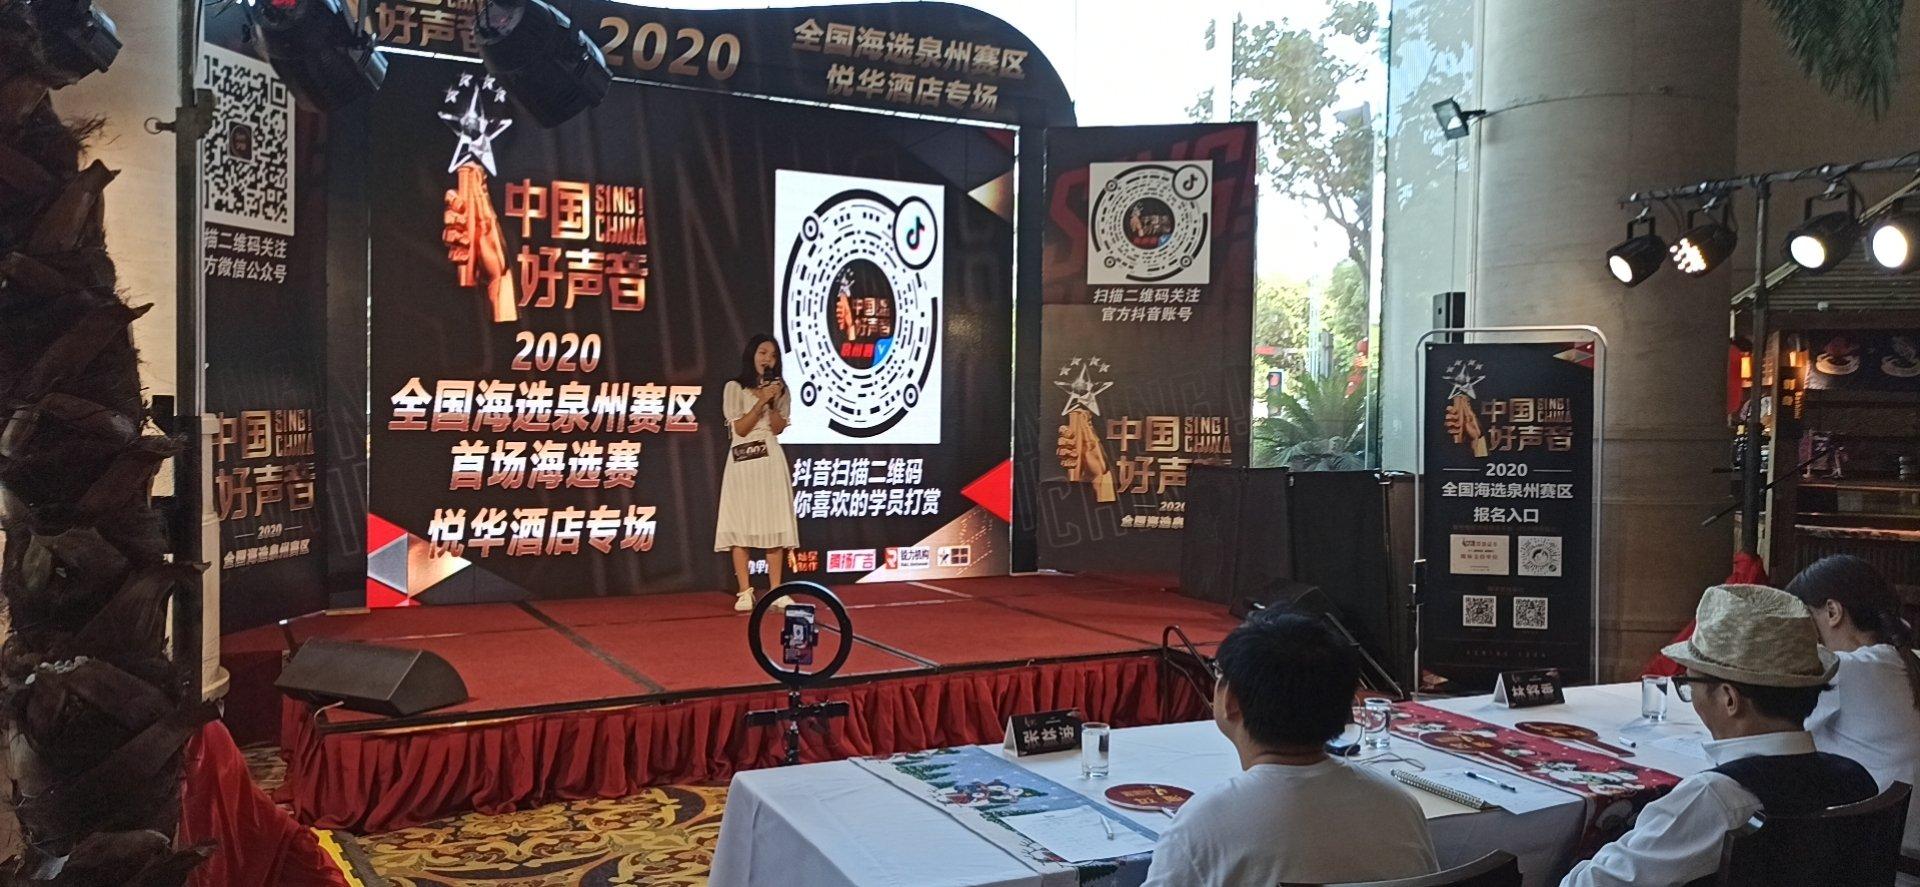 2020好声音全球海选泉州赛区悦华酒店专场启动